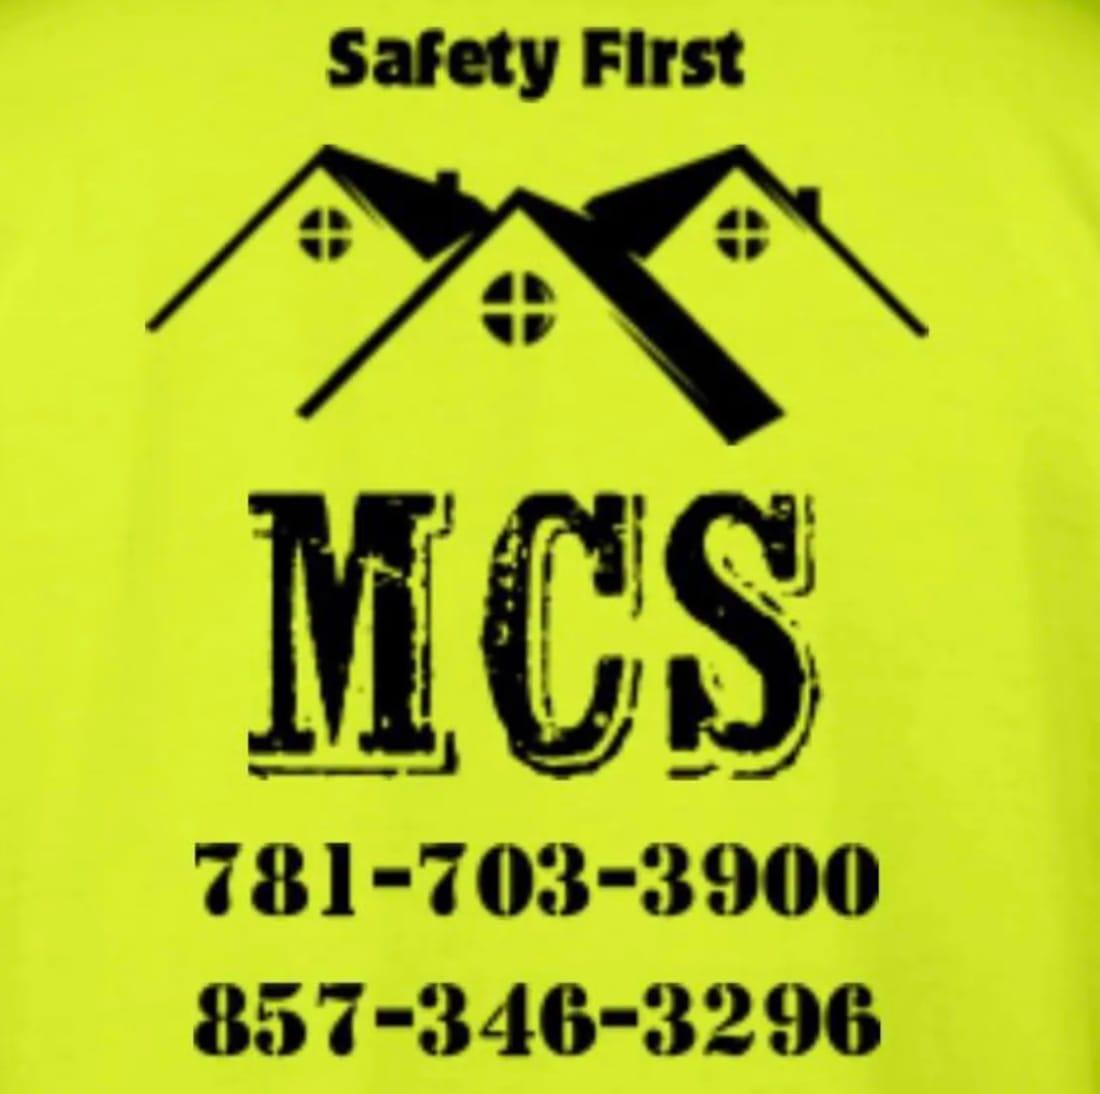 Moniz Construction Services